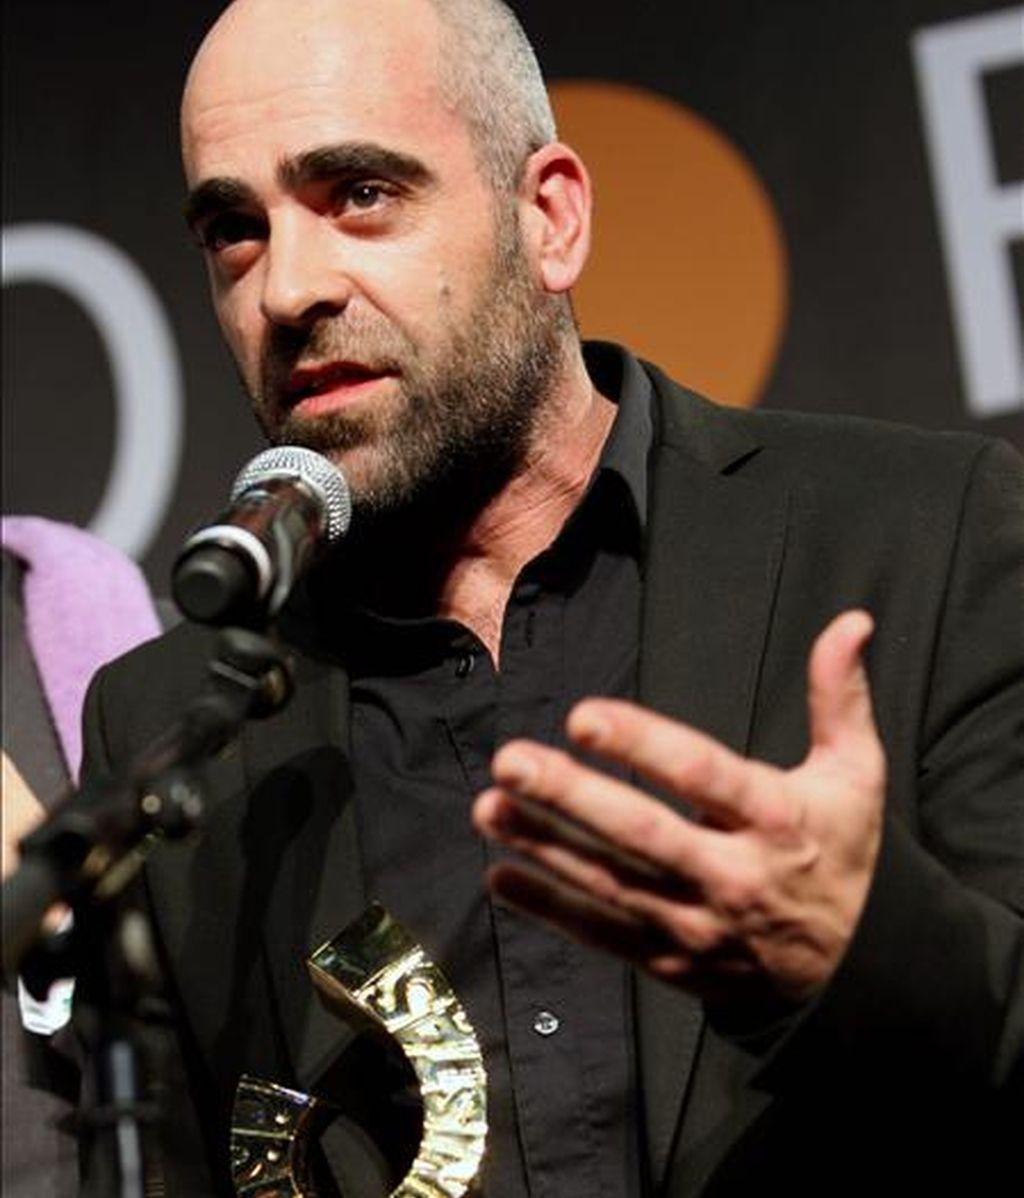 El actor Luis Tosar, con el premio Protagonista del año 2010. EFE/Archivo